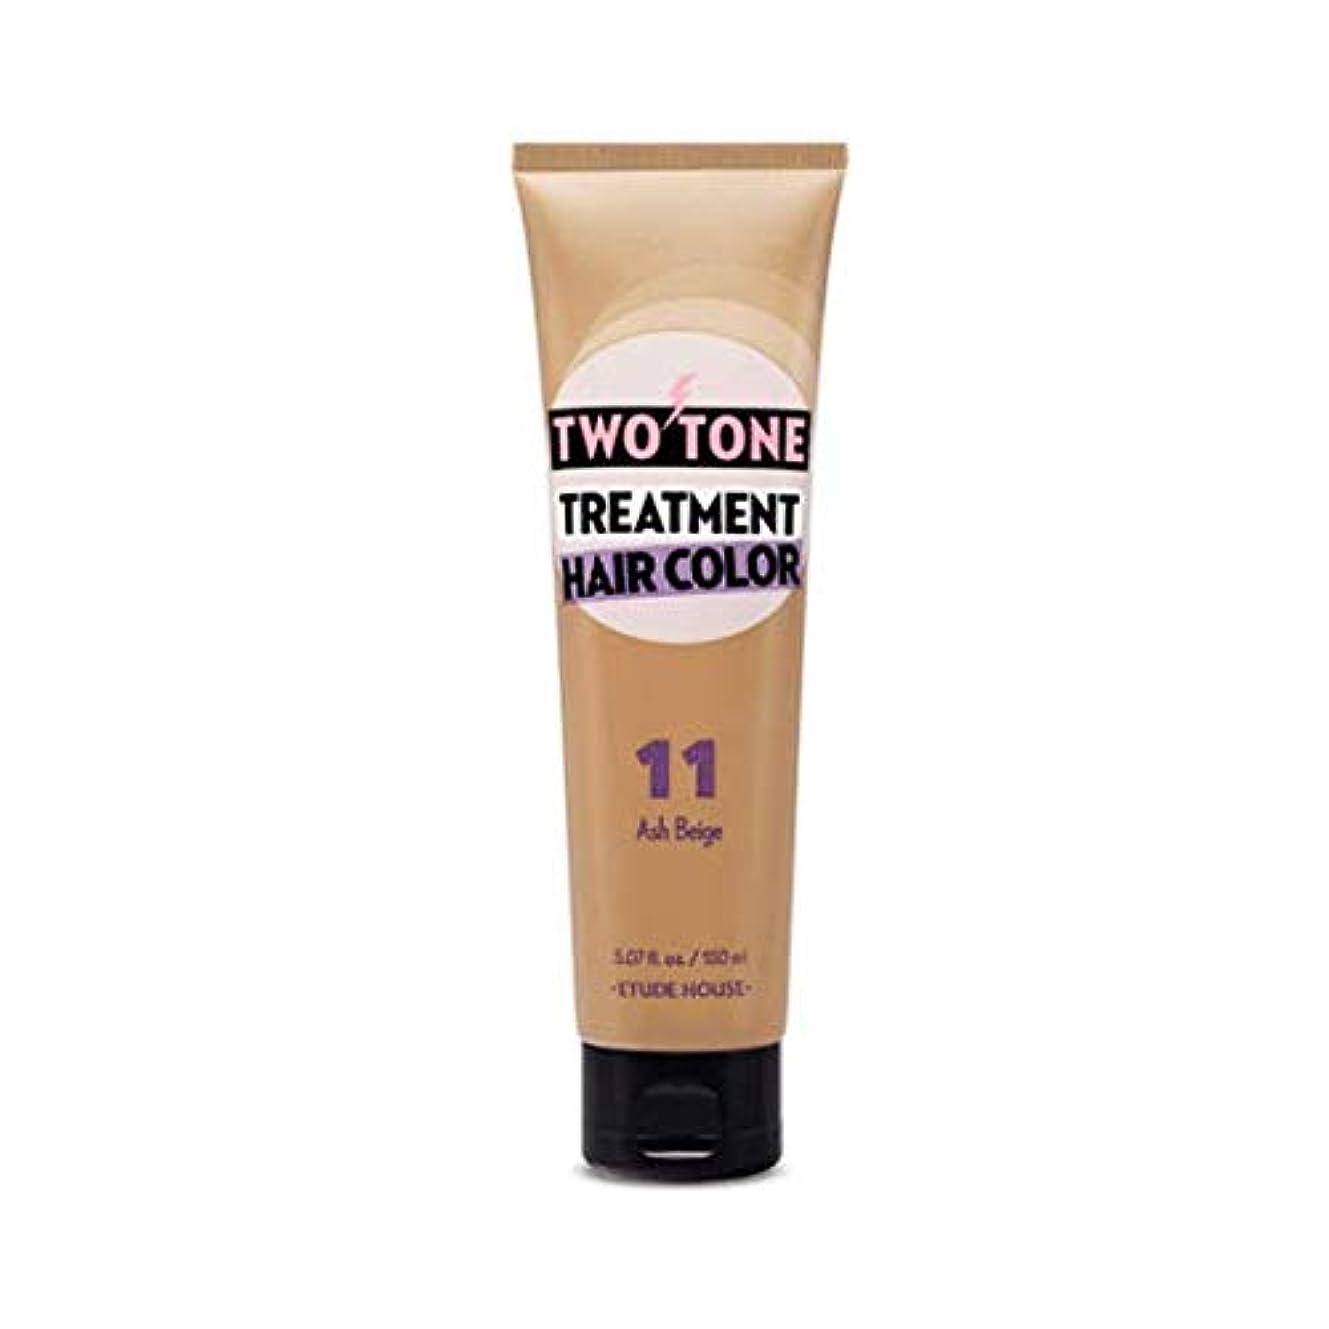 前方へ次へ五月ETUDE HOUSE Two Tone Treatment Hair Color *11 Ash Beige/エチュードハウス ツートントリートメントヘアカラー150ml [並行輸入品]